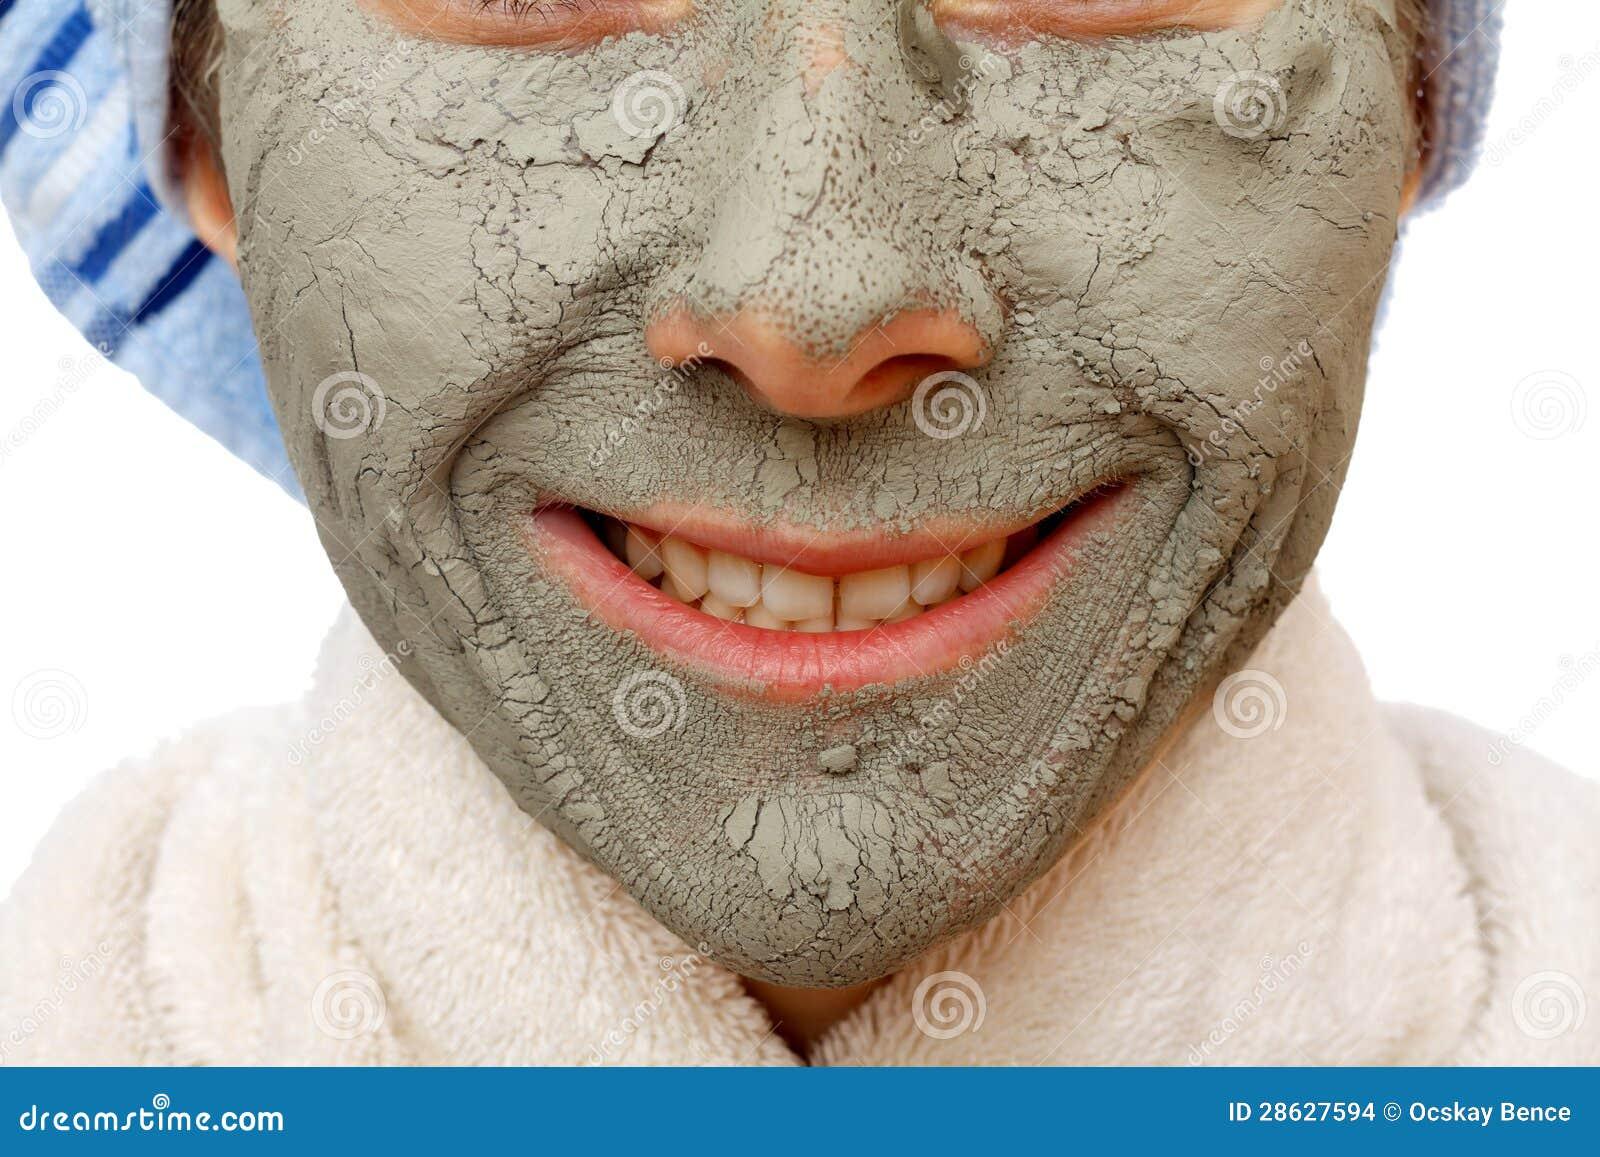 Gli Effetti Della Maschera Di Protezione Dell'argilla Immagini Stock - Immagine: 28627594